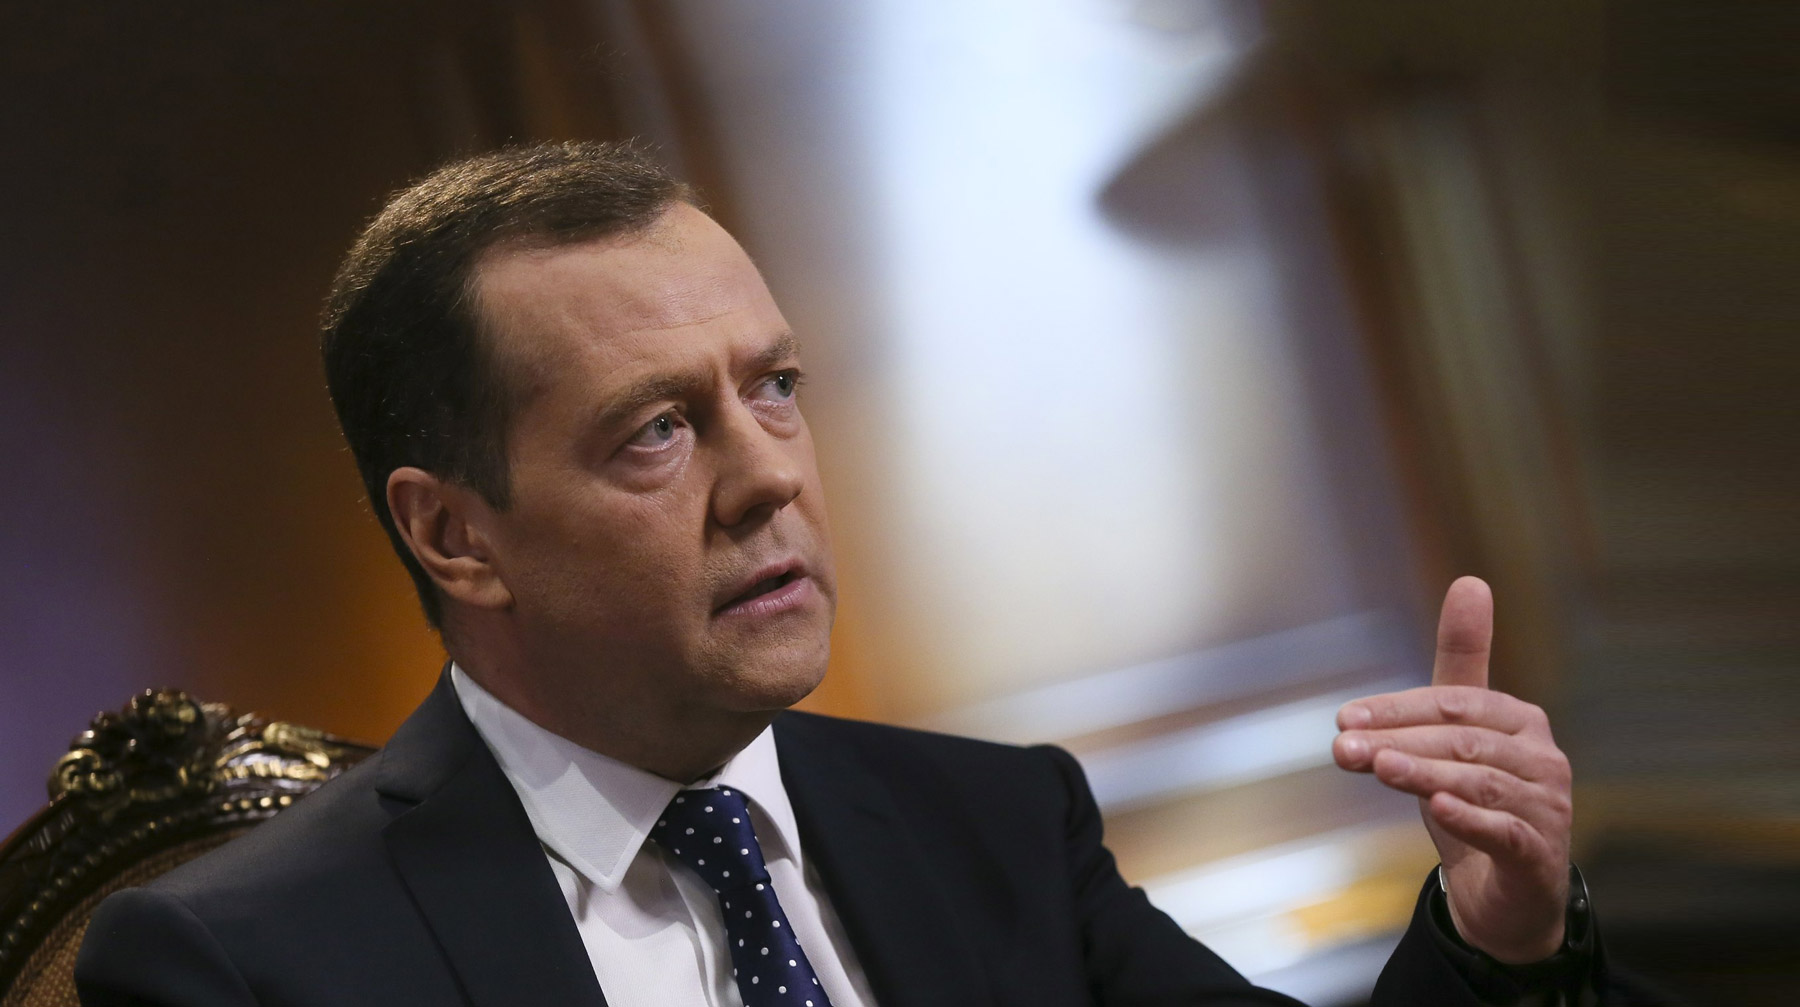 Медведев: «Не пациент должен идти к врачу, а врач к пациенту»